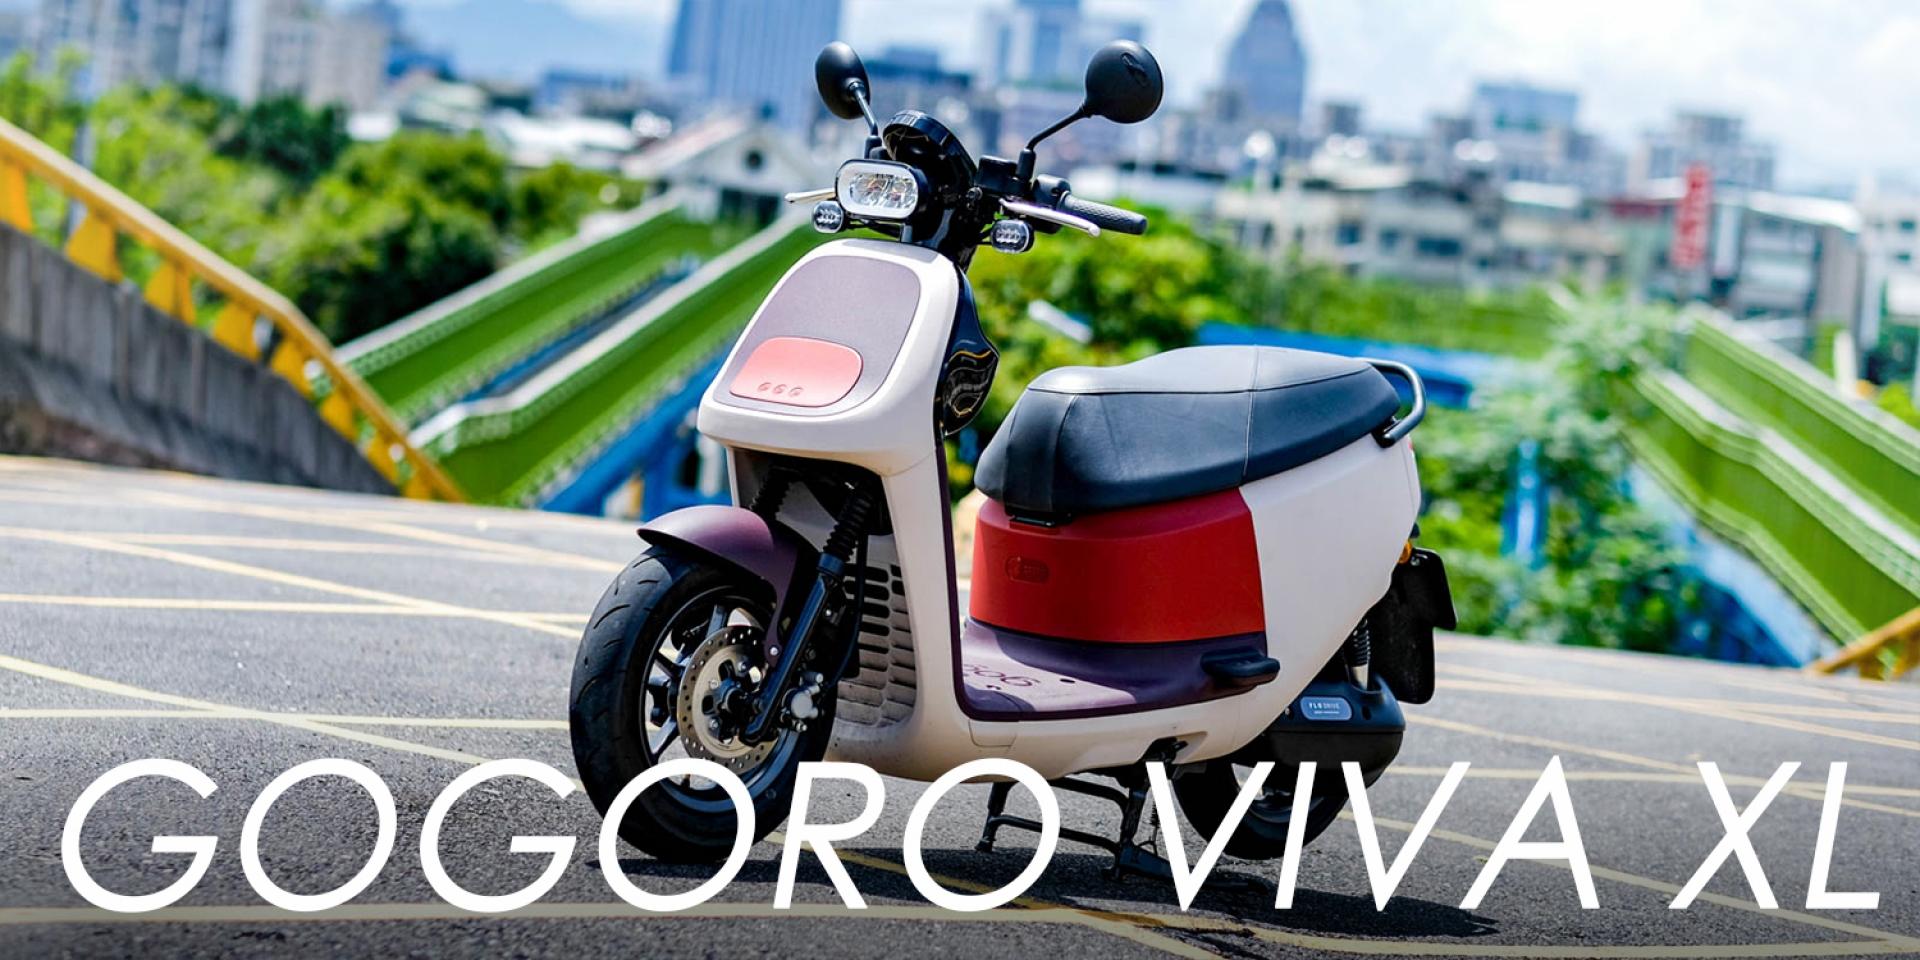 寬敞舒適、實用滿點的家用車!Gogoro VIVA XL 試乘體驗